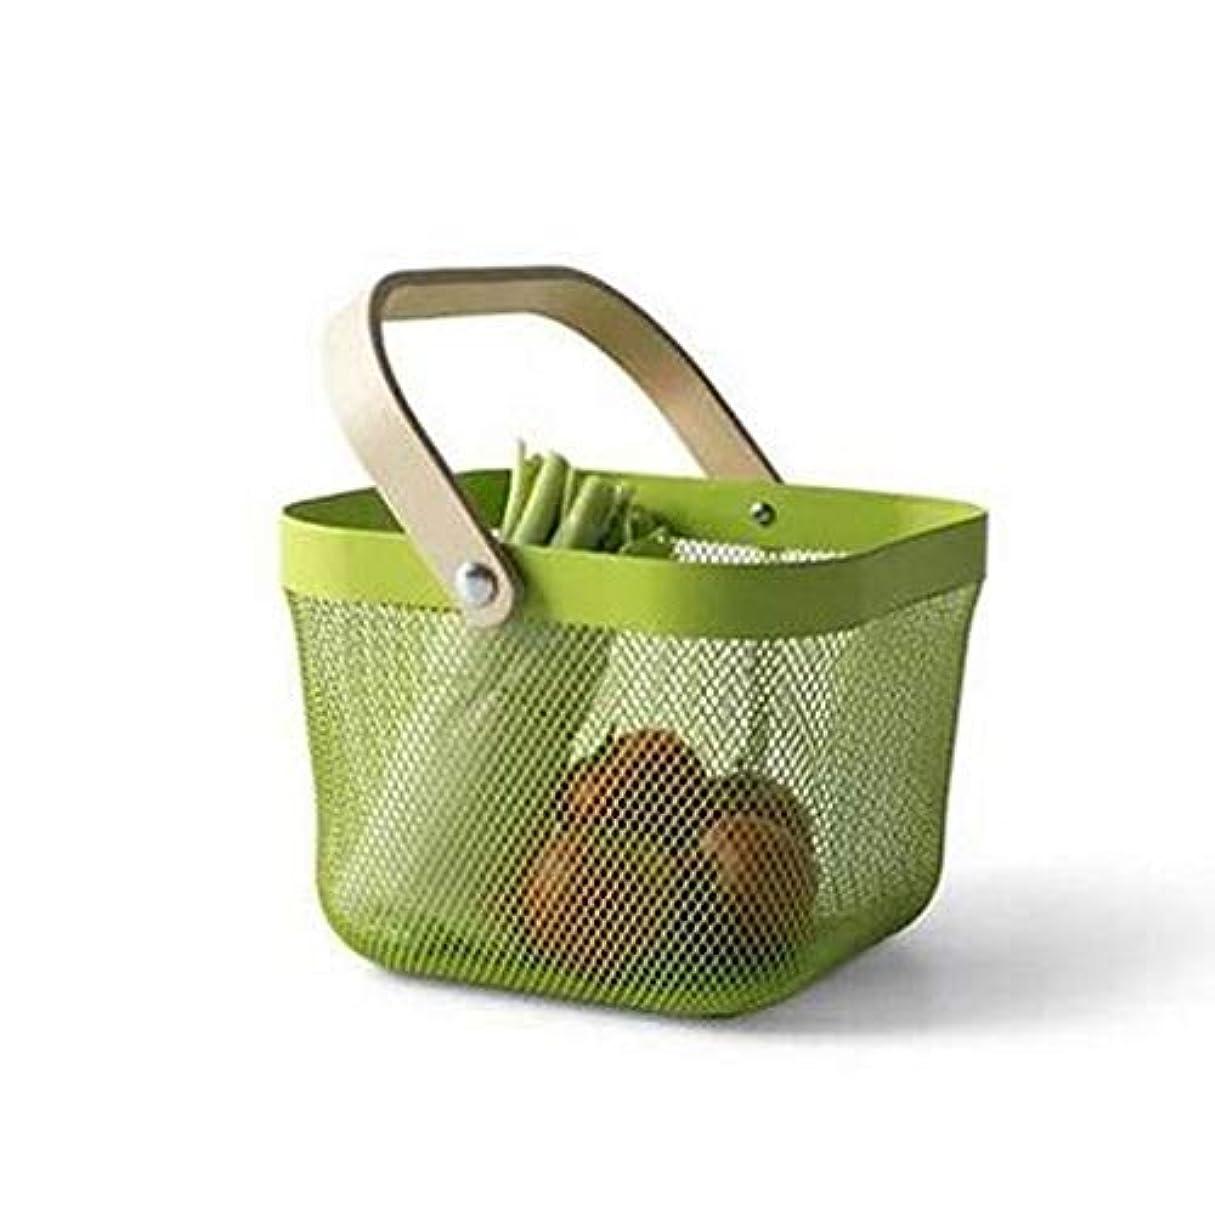 七時半家主失われたデスクトップストレージバスケット多機能ストレージバスケットの果物小さなバスケットRuishaバスケット、4色オプション SMMRB (色 : 緑)